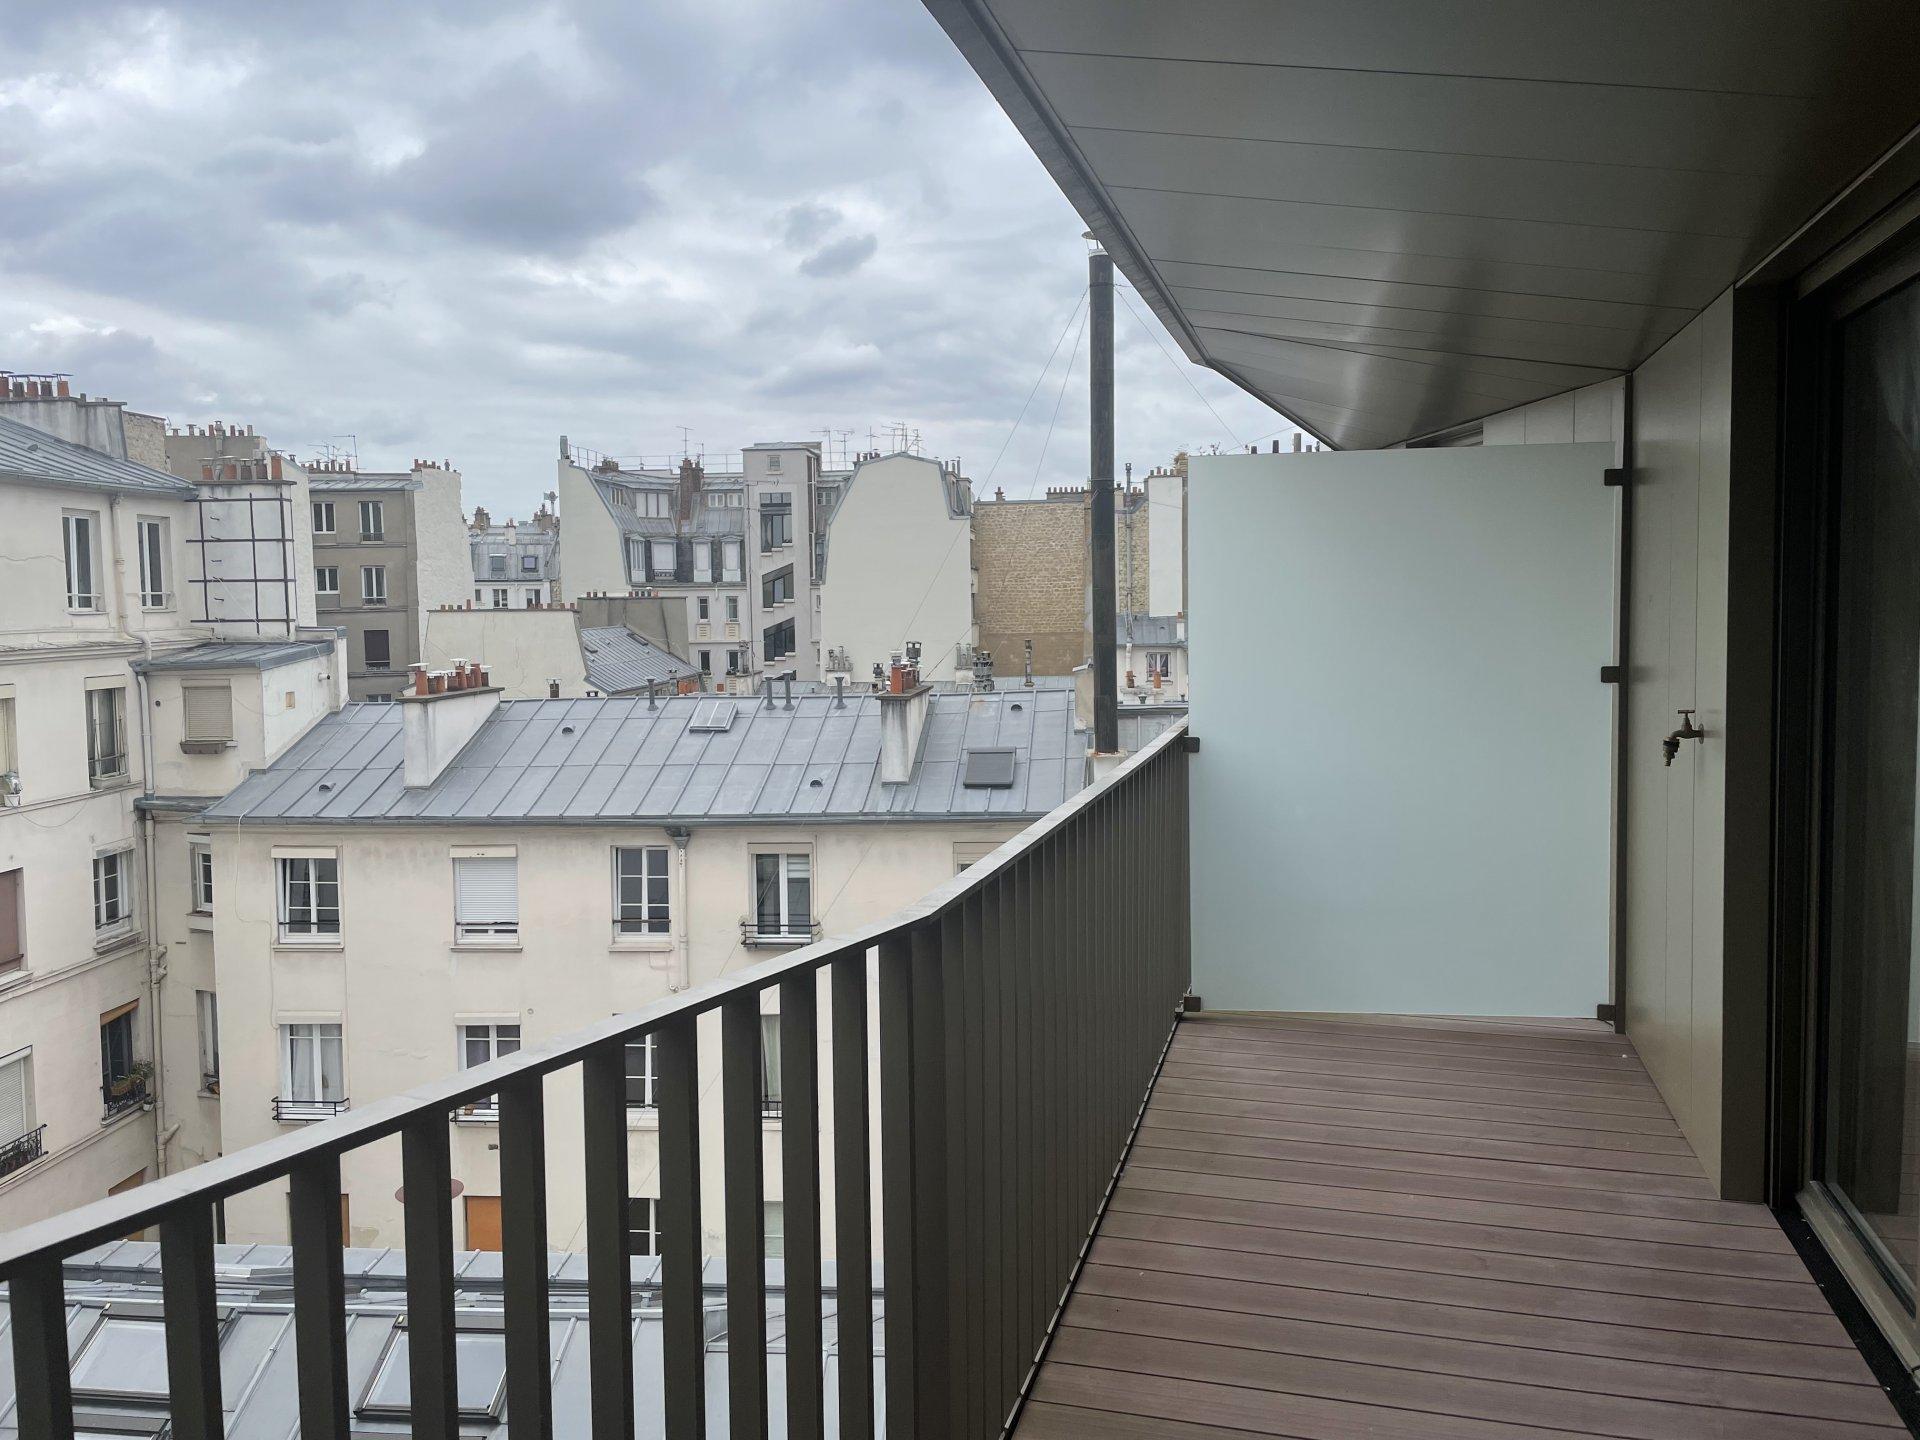 Paris Ve - Cardinal Lemoine - Jussieu